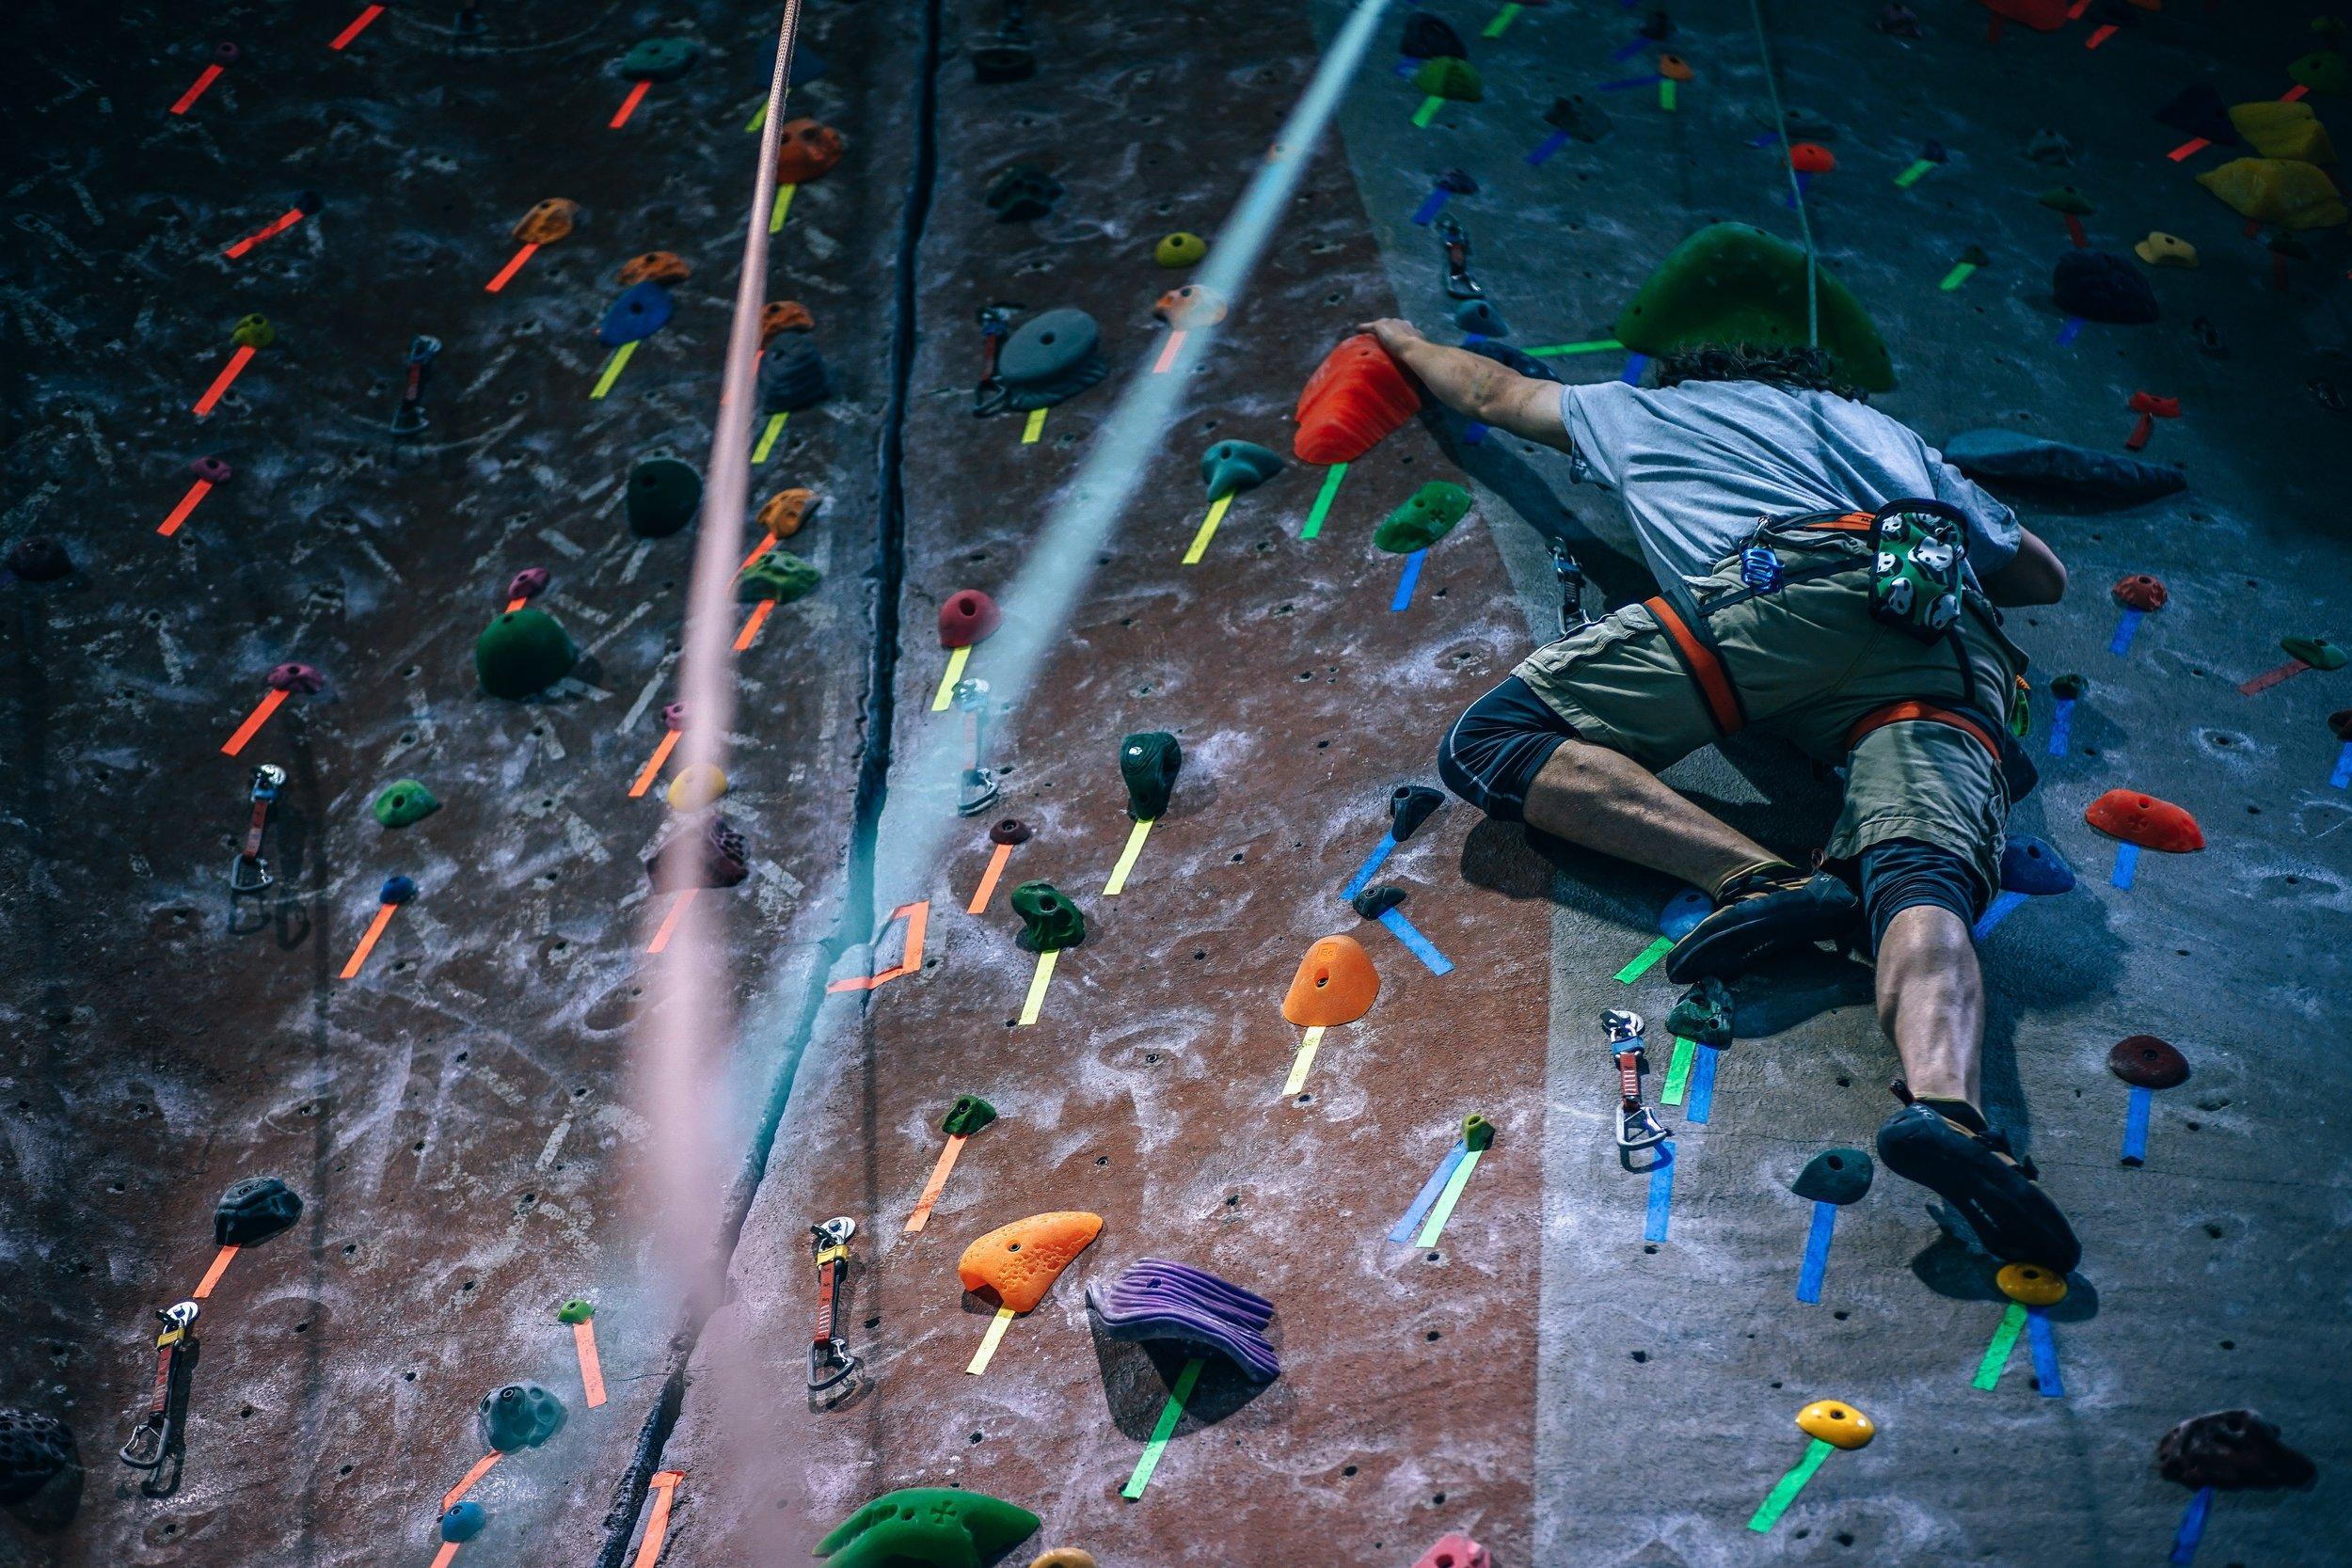 """ESCALADA Y RAPEL - La actividad de escalada y rapel que te proponemos se adapta a tu nivel y a tus necesidades. Te ofrecemos una actividad impartida por técnicos de montaña, en grupos reducidos proporcionándote una experiencia y enseñanza personalizada. La escalada es un deporte que se puede realizar a cualquier edad.Hemos diseñado una actividad en la que se trabajan y asimilan todas las maniobras necesarias para que practiques la escalada deportiva en roca con seguridad, autonomía y fluidez y disfrutes de las técnicas de descenso por cuerda """"rapel""""."""